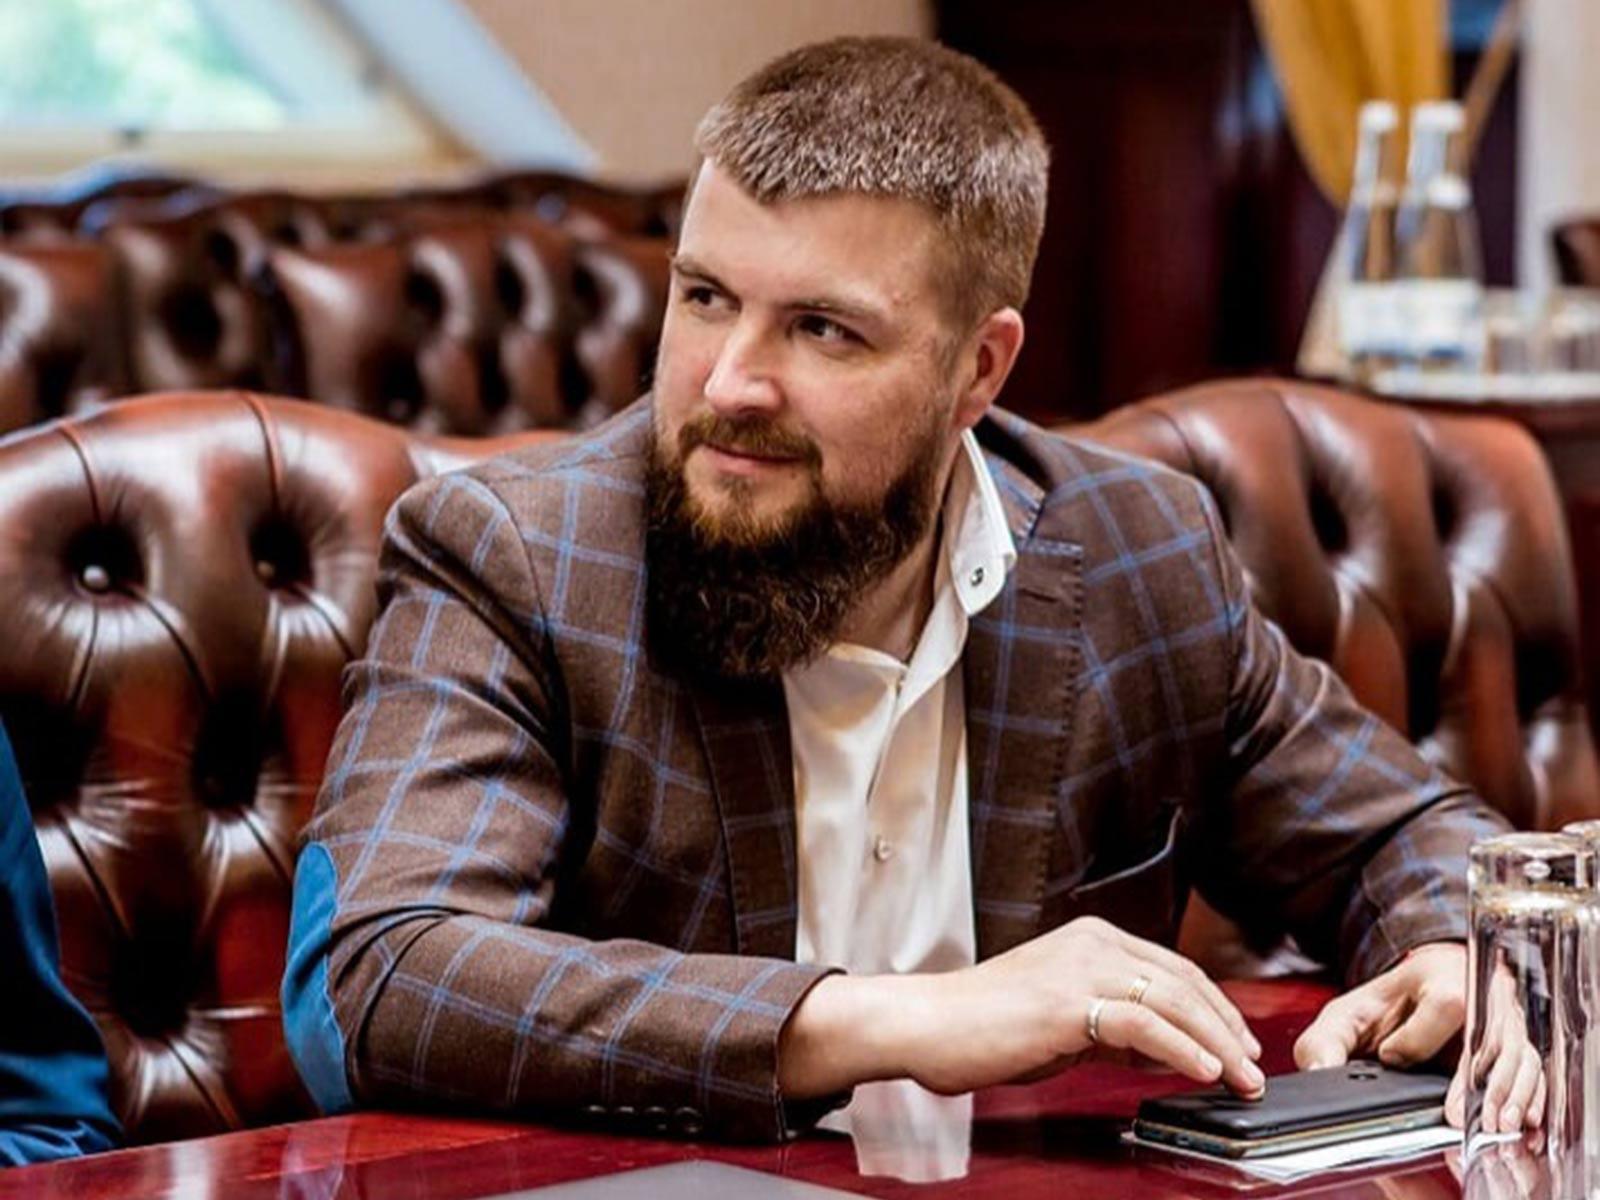 Алексей Крутилин. Бизнес-профайлер, предприниматель с 12-летним стажем.